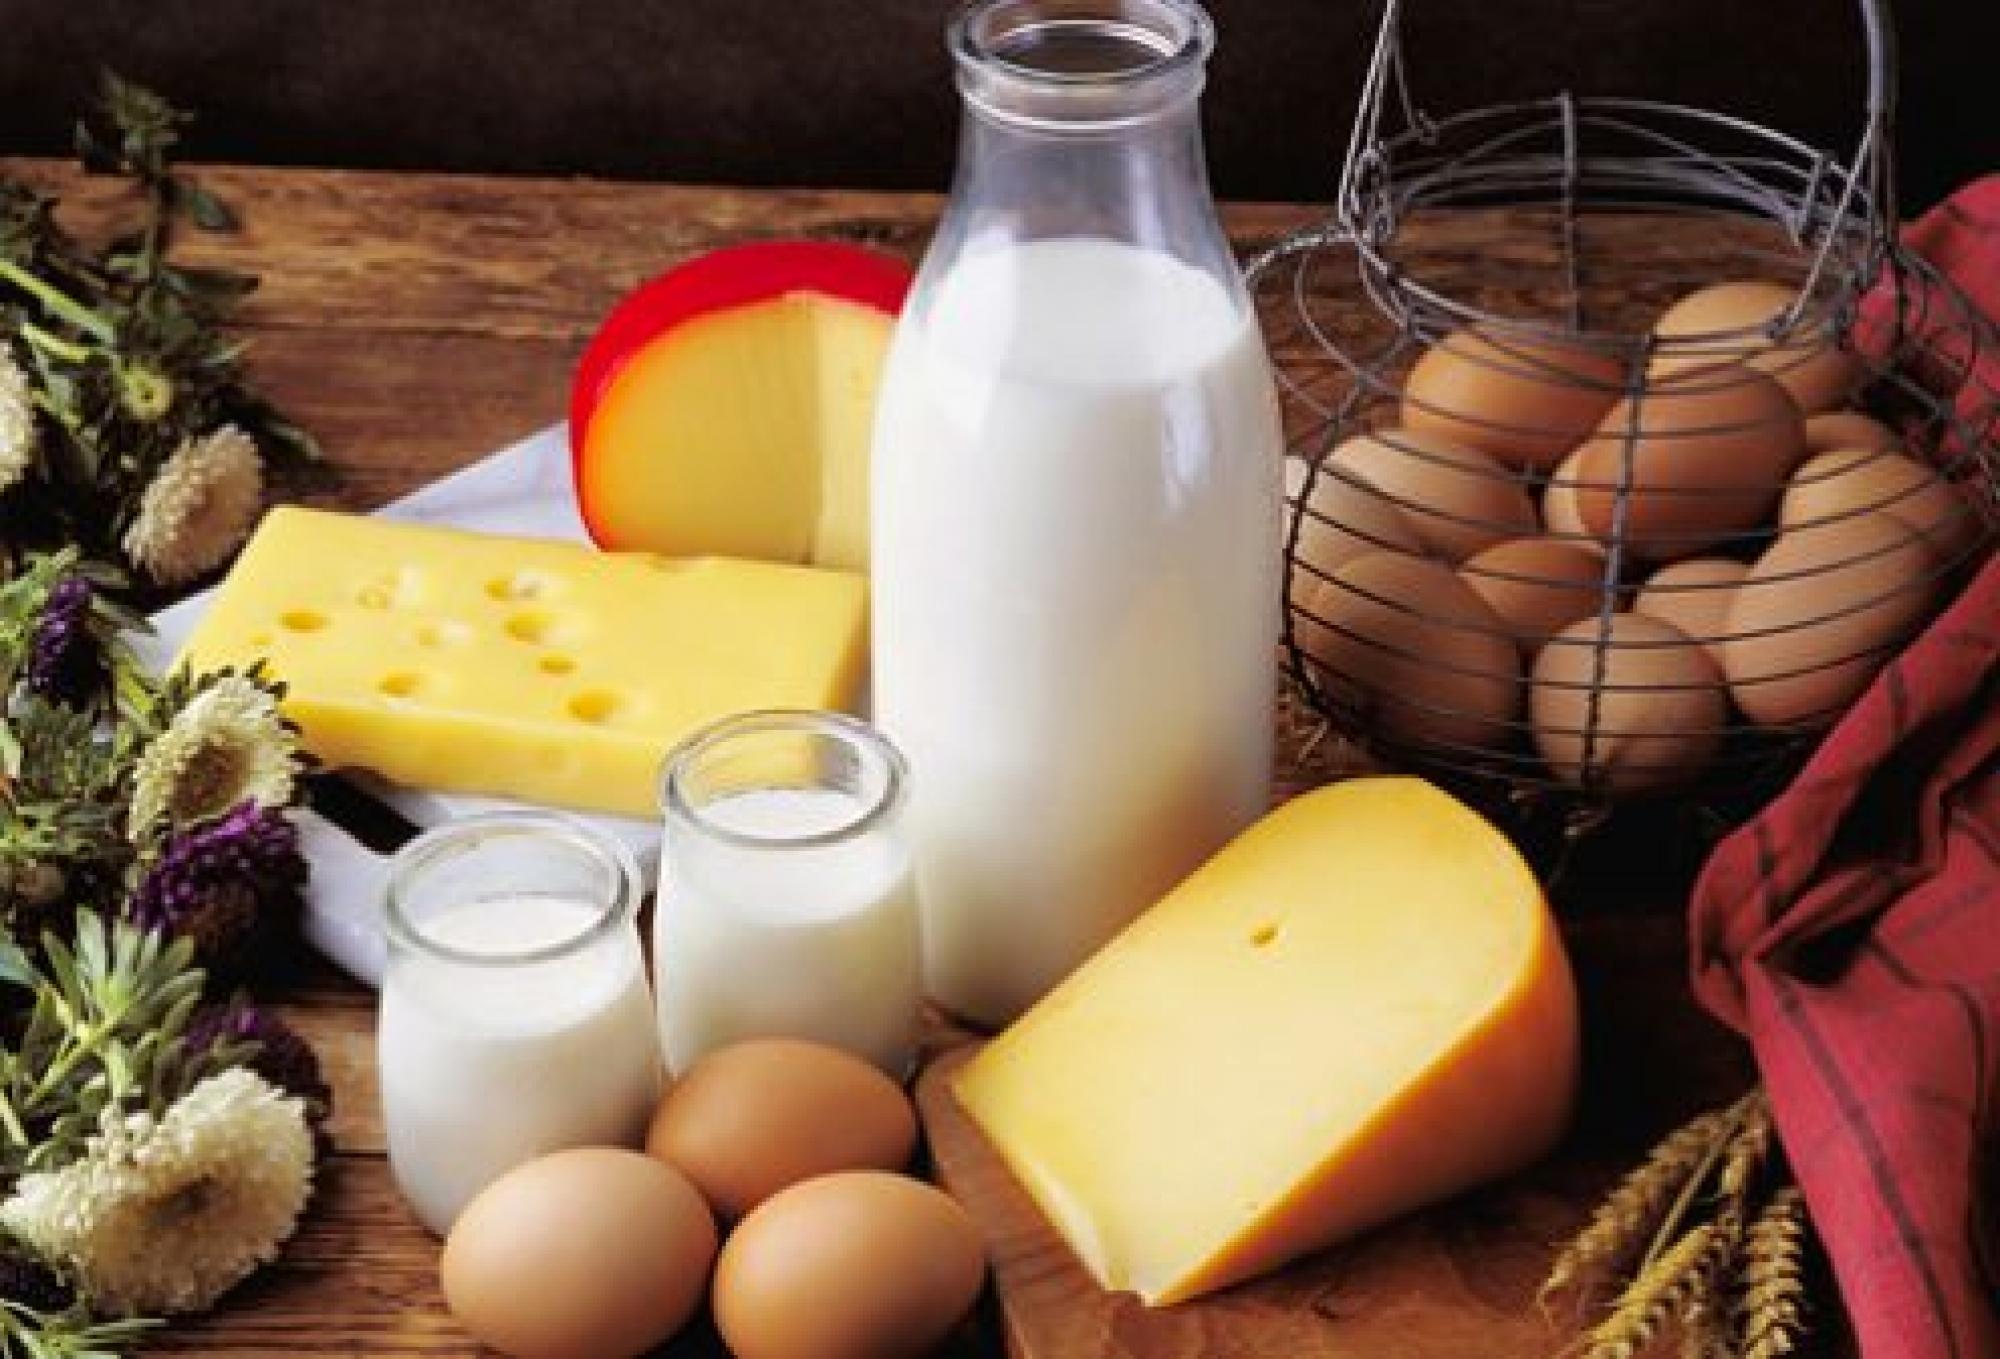 Курс еды: сравниваем цены в супермаркетах Вологды (6 - 16 марта)